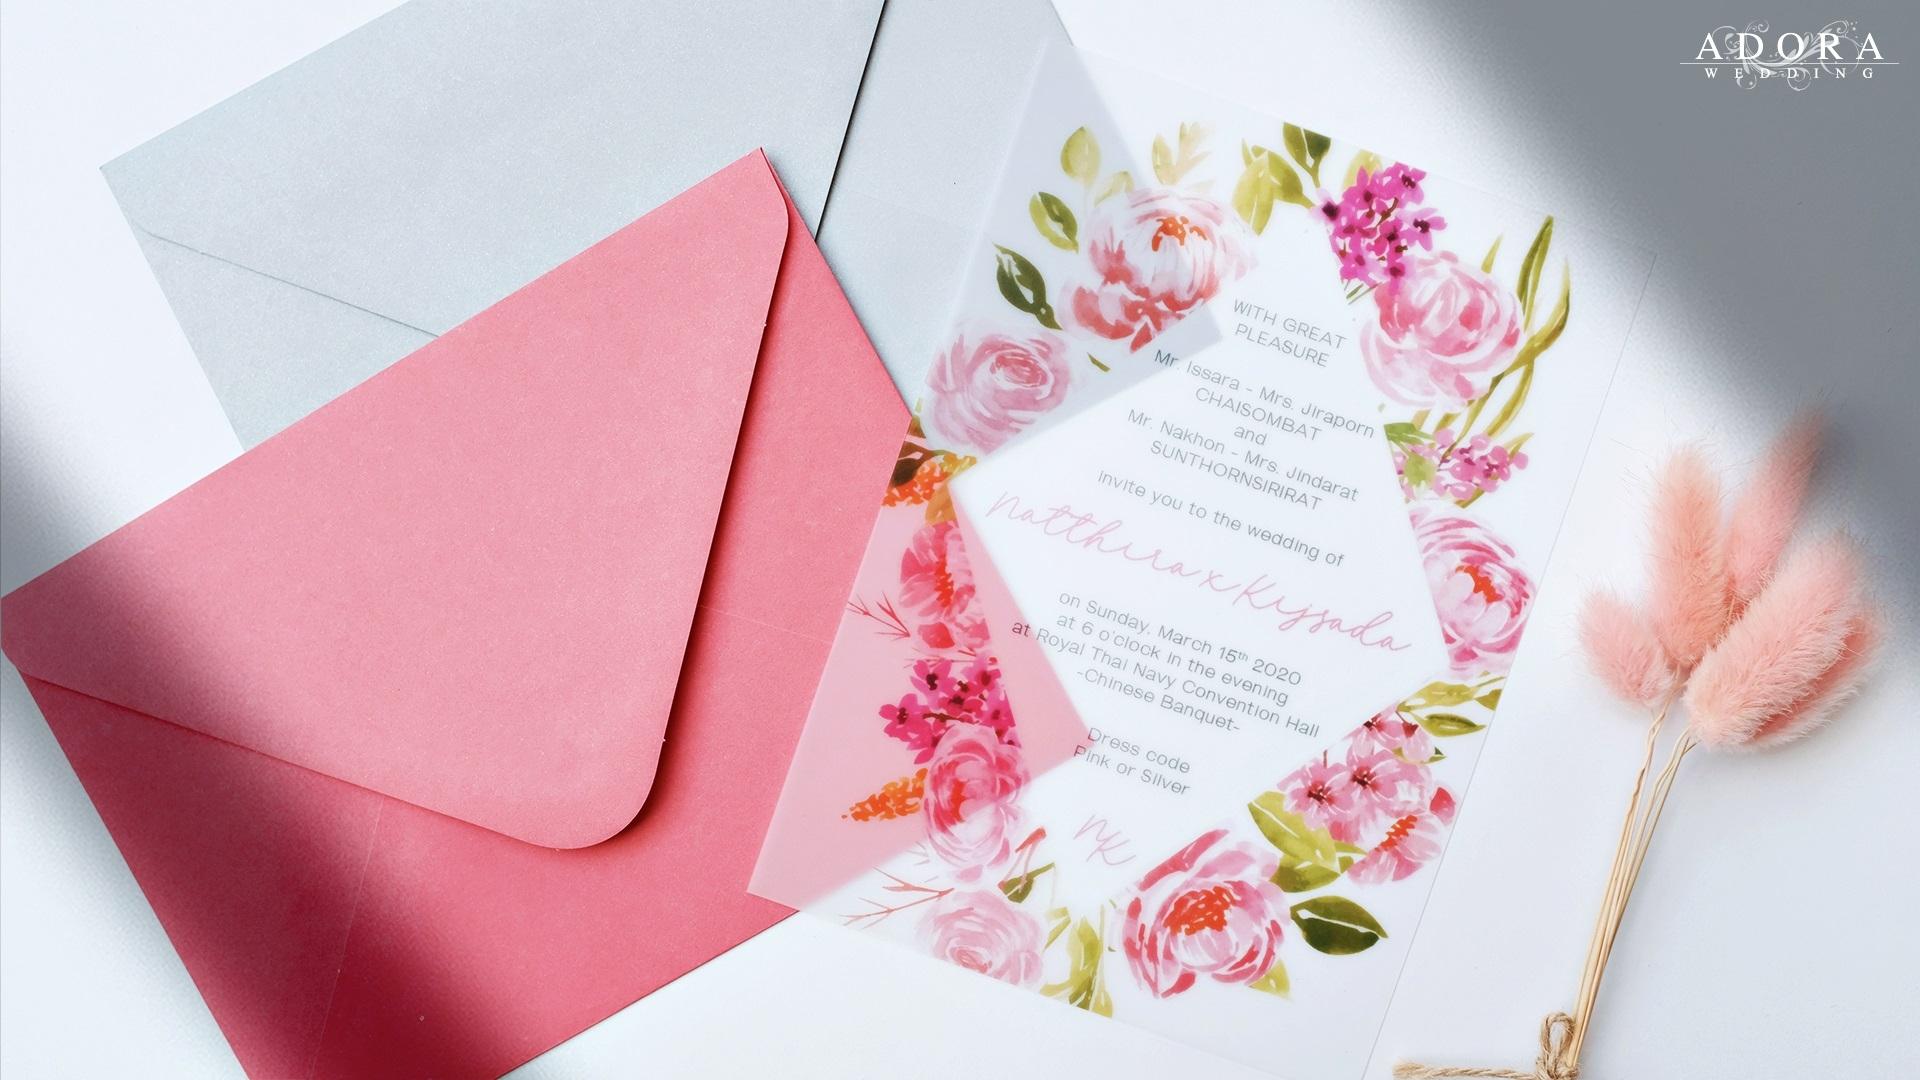 B122LM-wedding-card-3